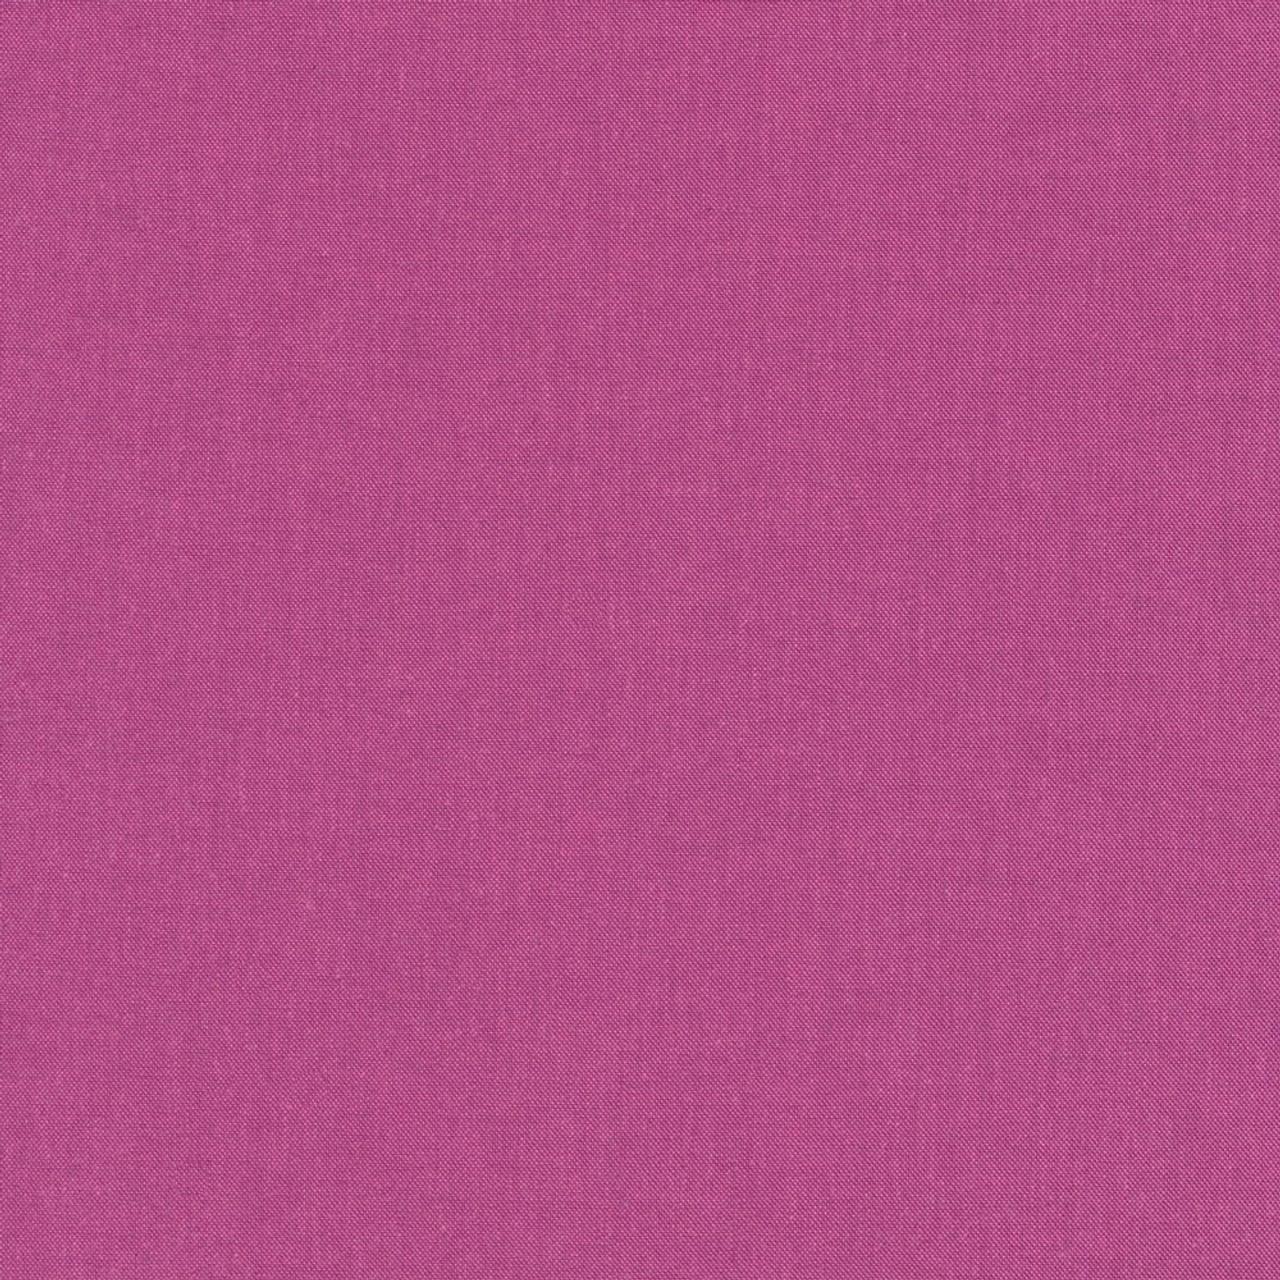 Sevilla Shots - Bright Pink